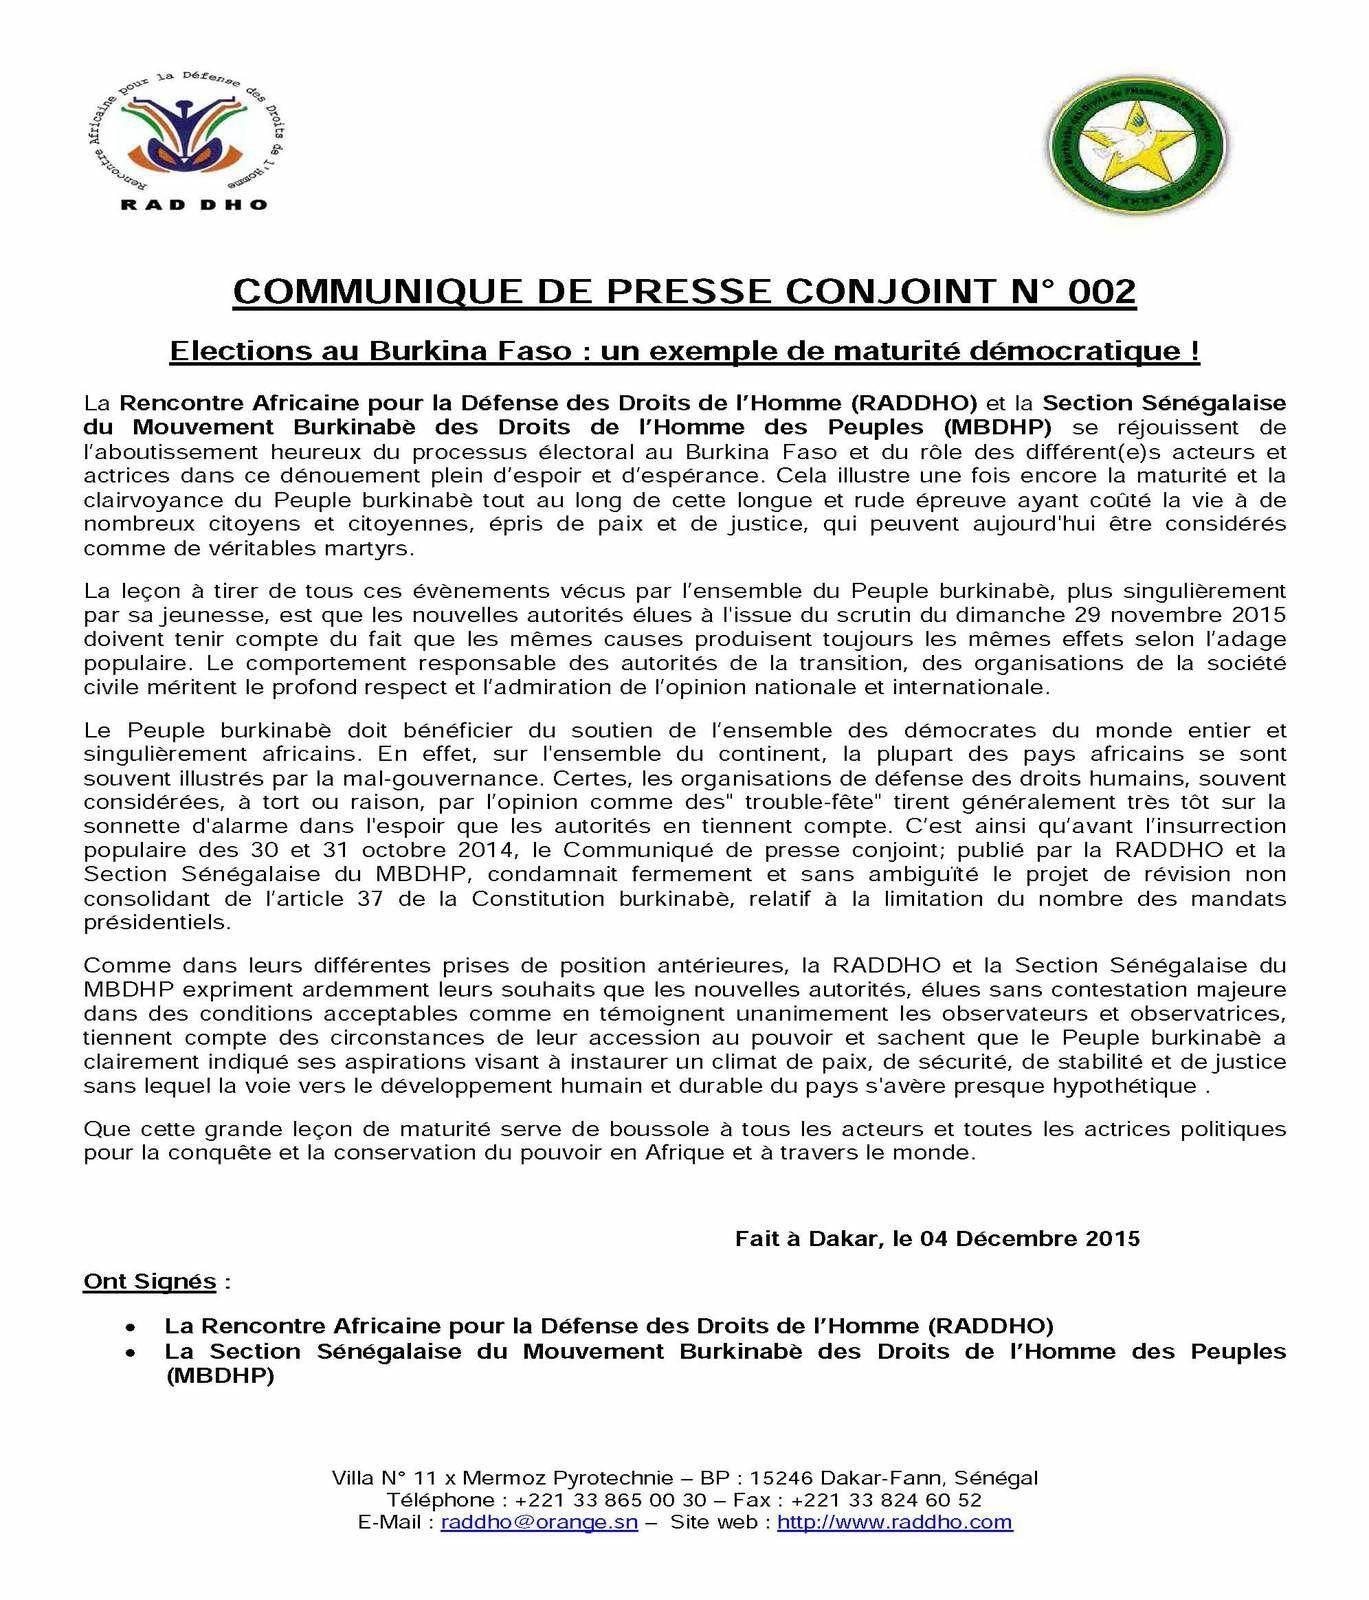 Election au Burkina-Faso: un exemple démocratique (RADDHO/MBDHP)